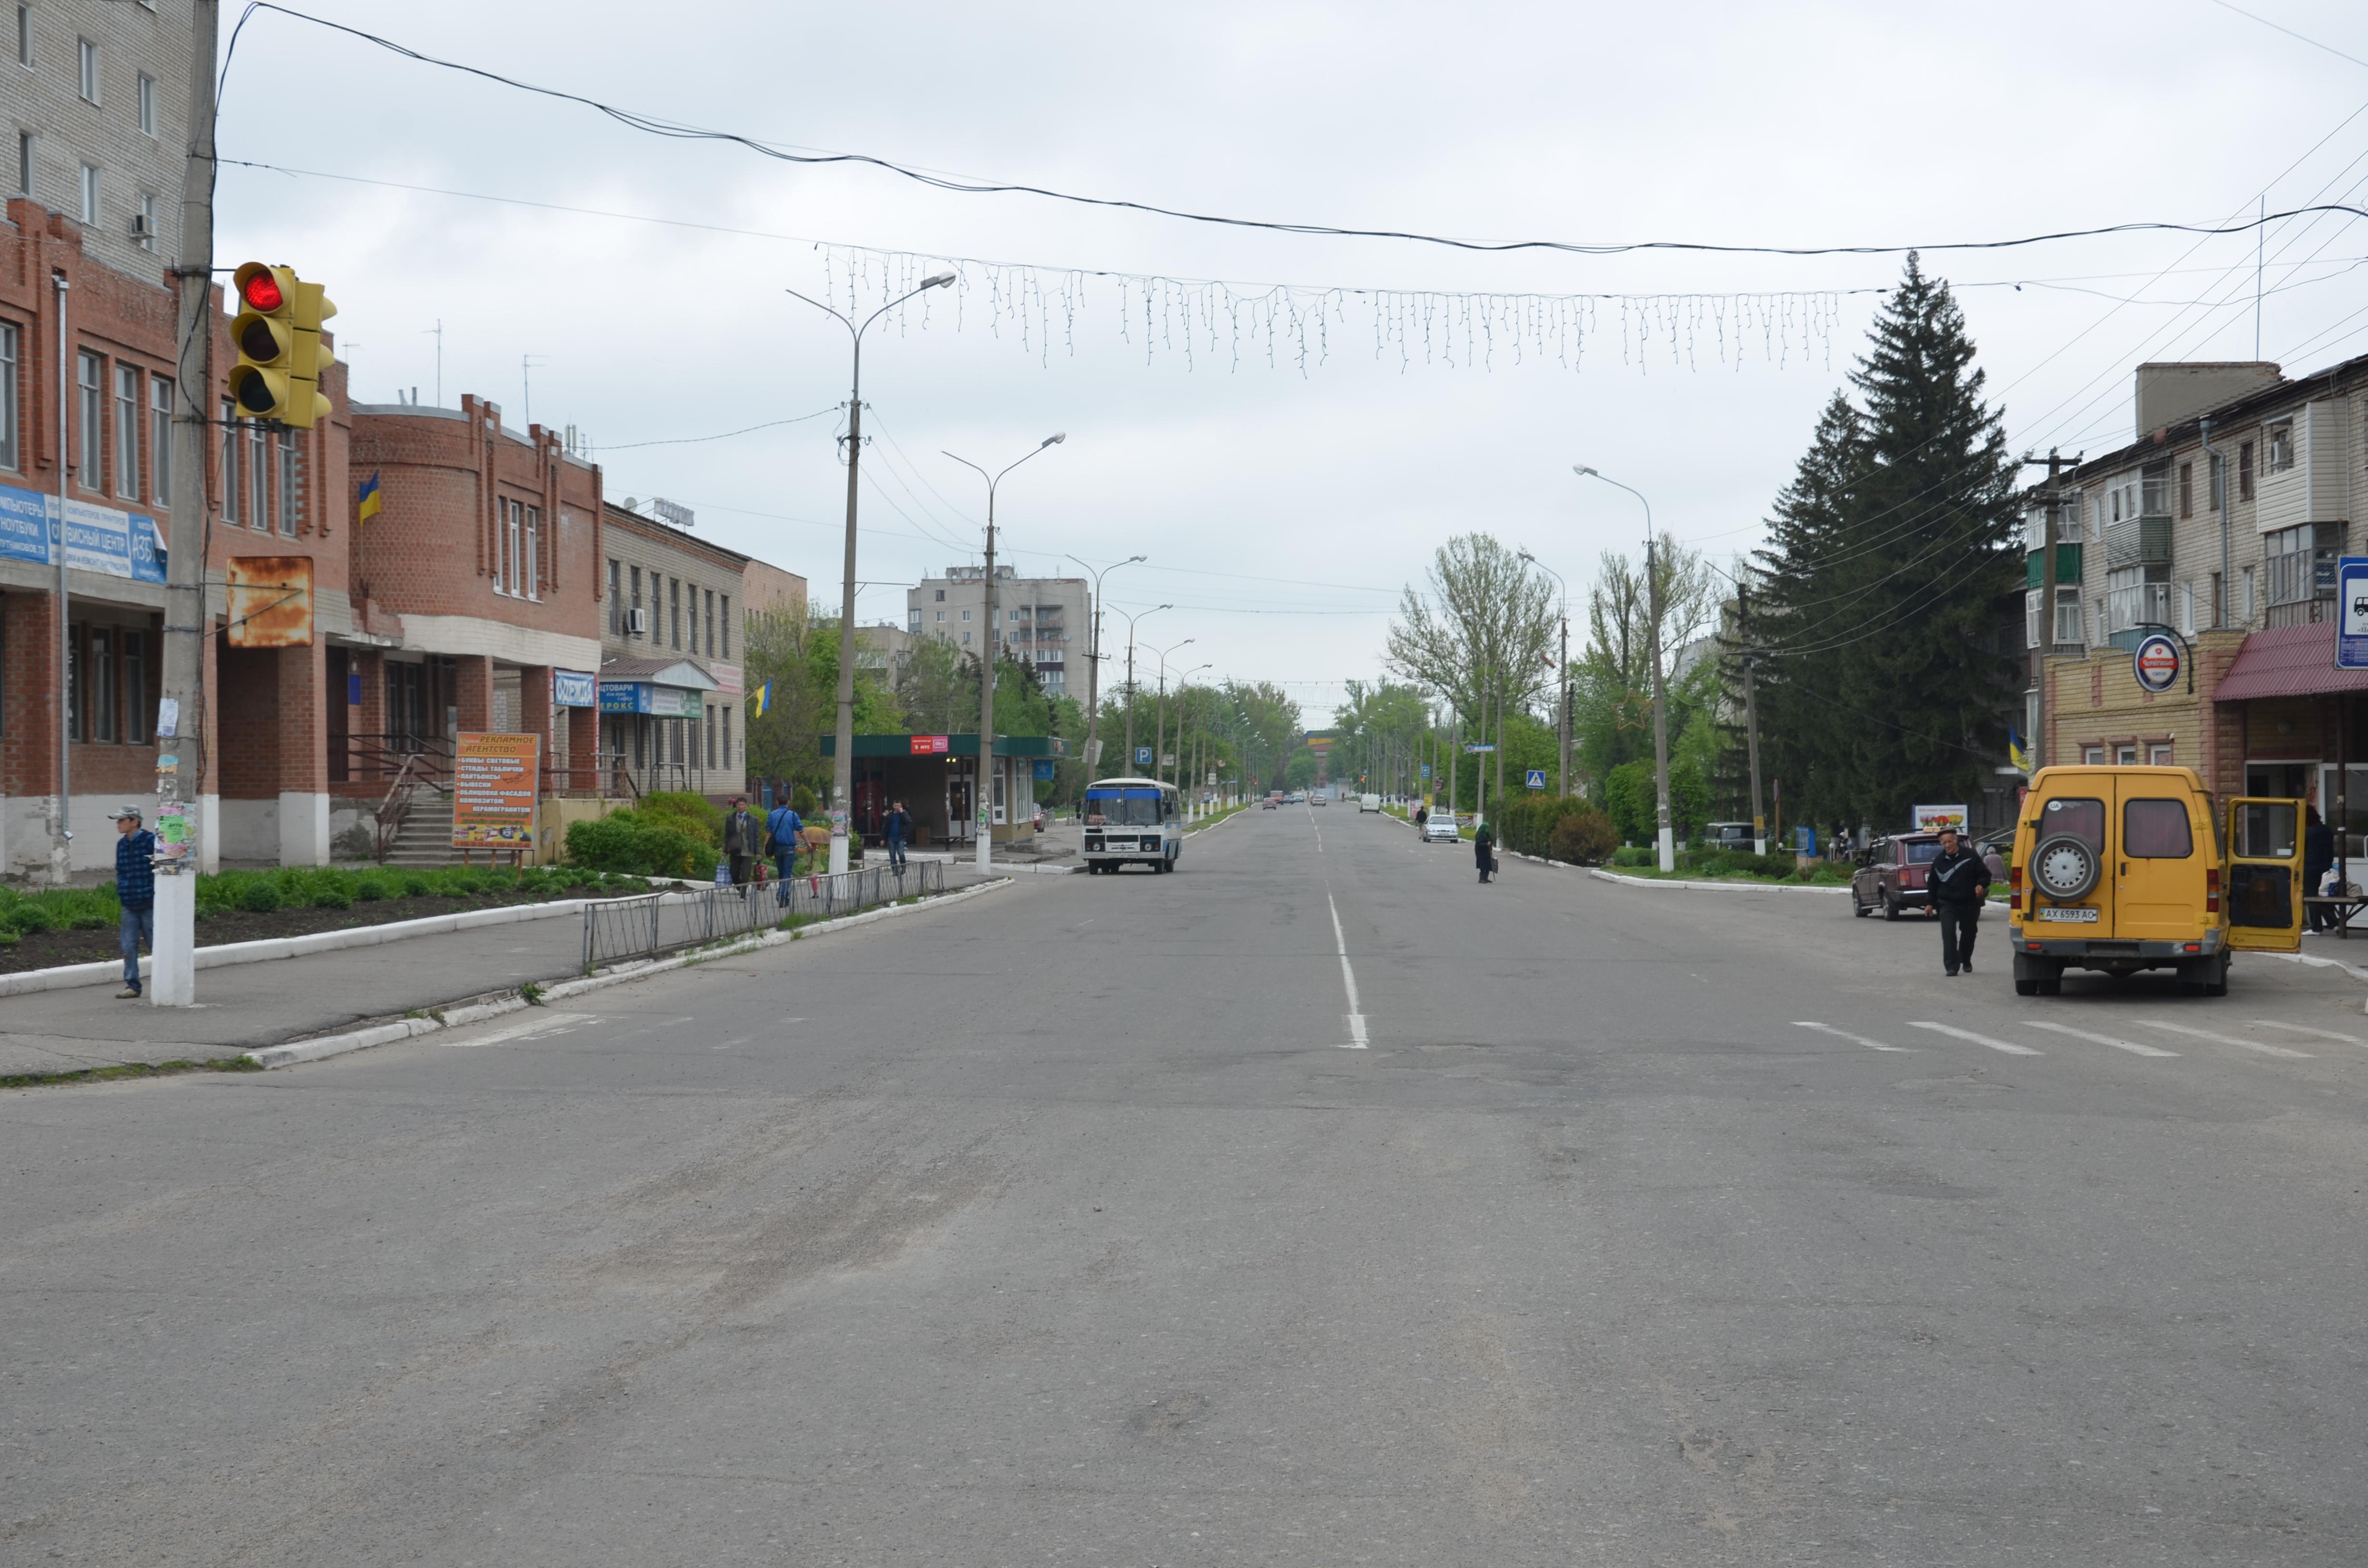 Balaklija